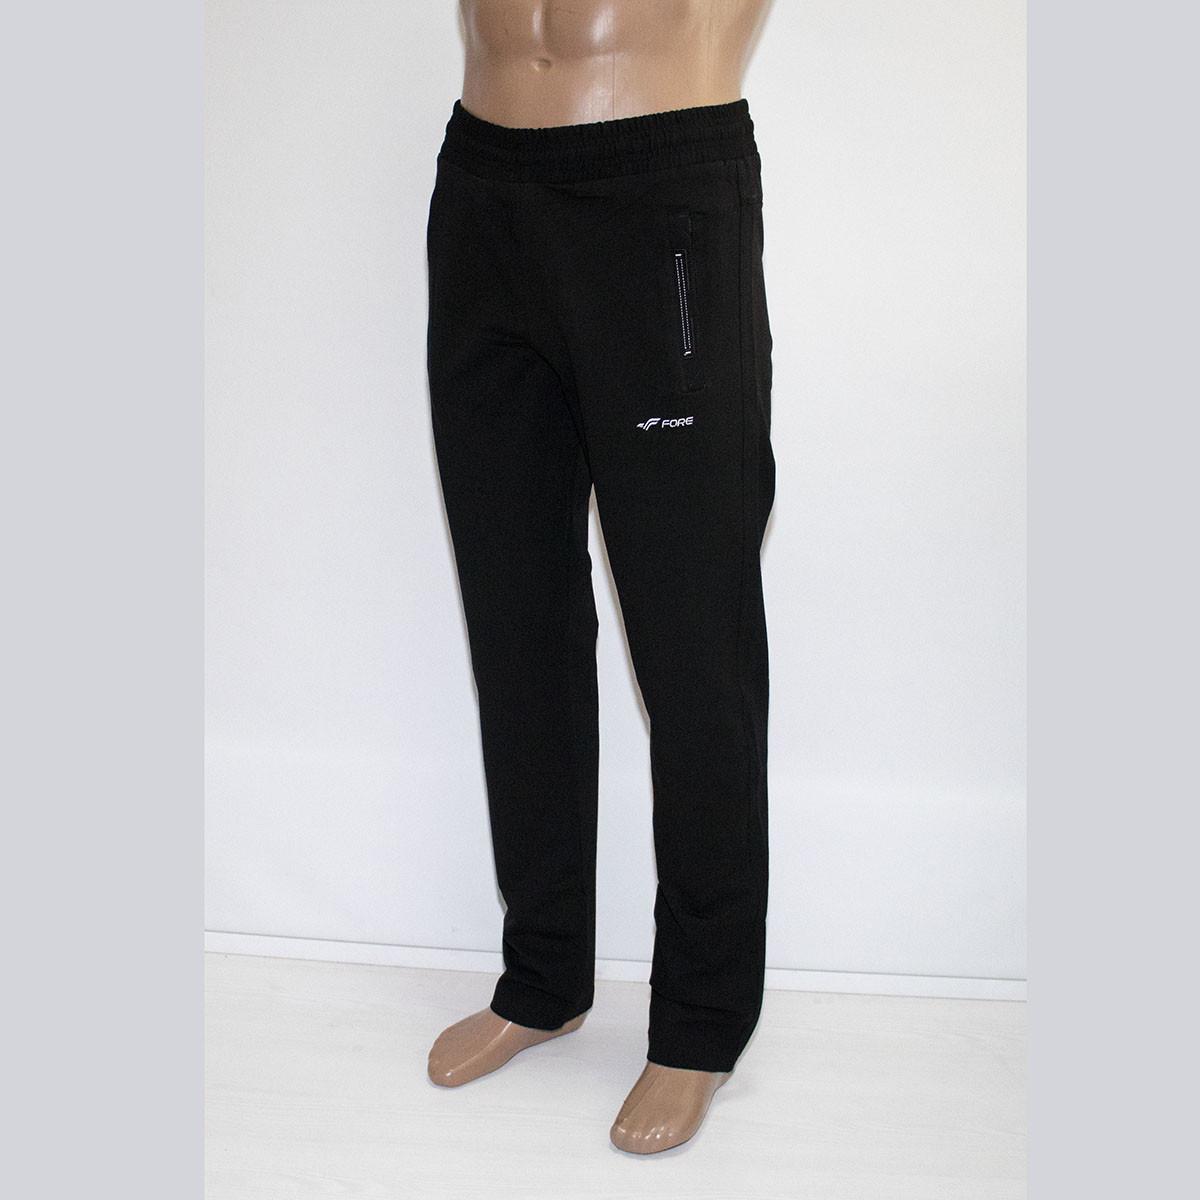 Мужские спортивные штаны двухнитка фабрика Турция тм. FORE 9668